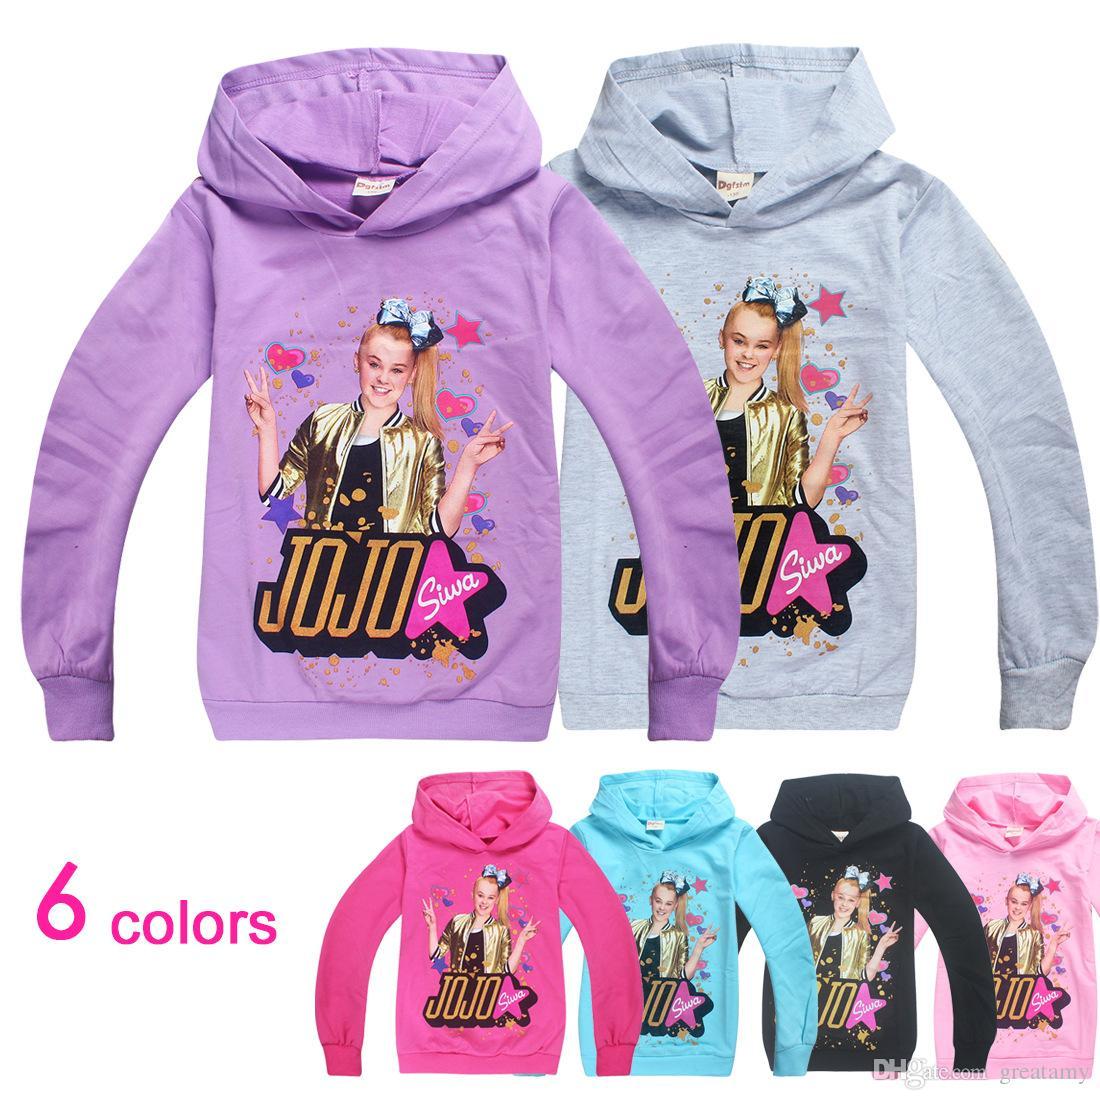 DHL 4-12Y Mädchen Hoodies beiläufige Karikatur Sweatshirts beiläufige Kleidung Tops 12 Designs Baby Hoodies